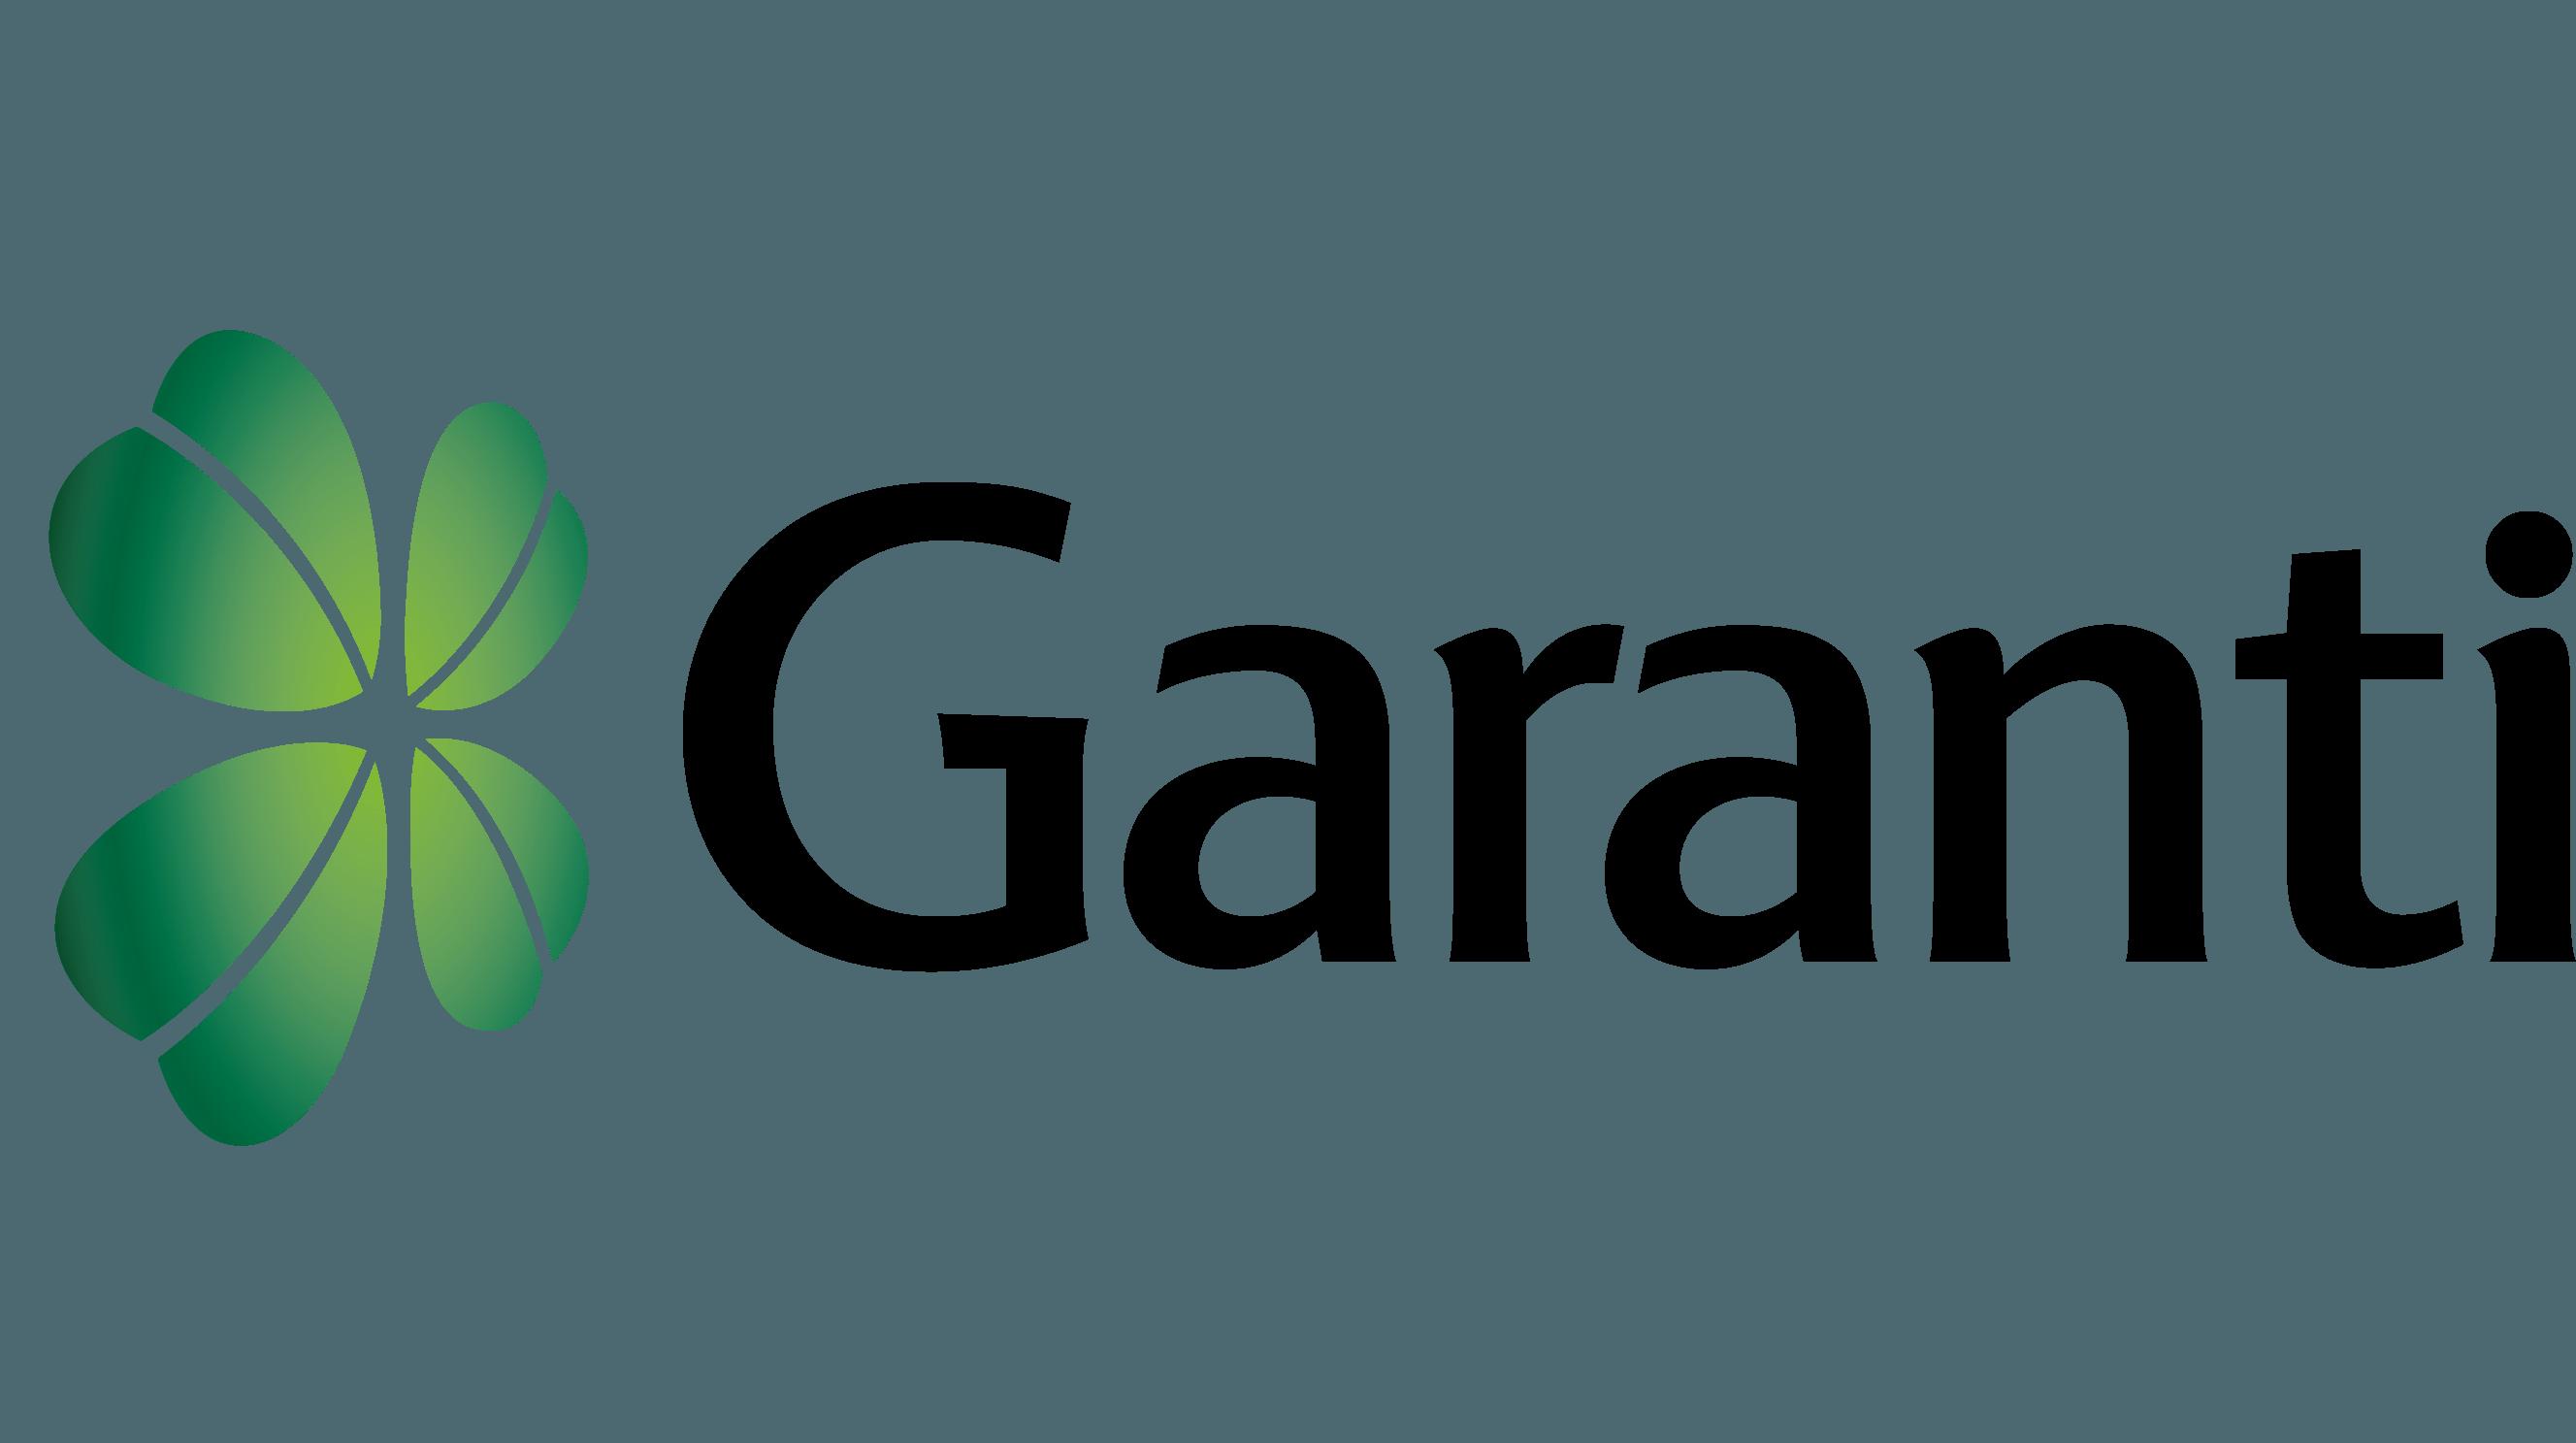 Garanti Bankasi Logo Png